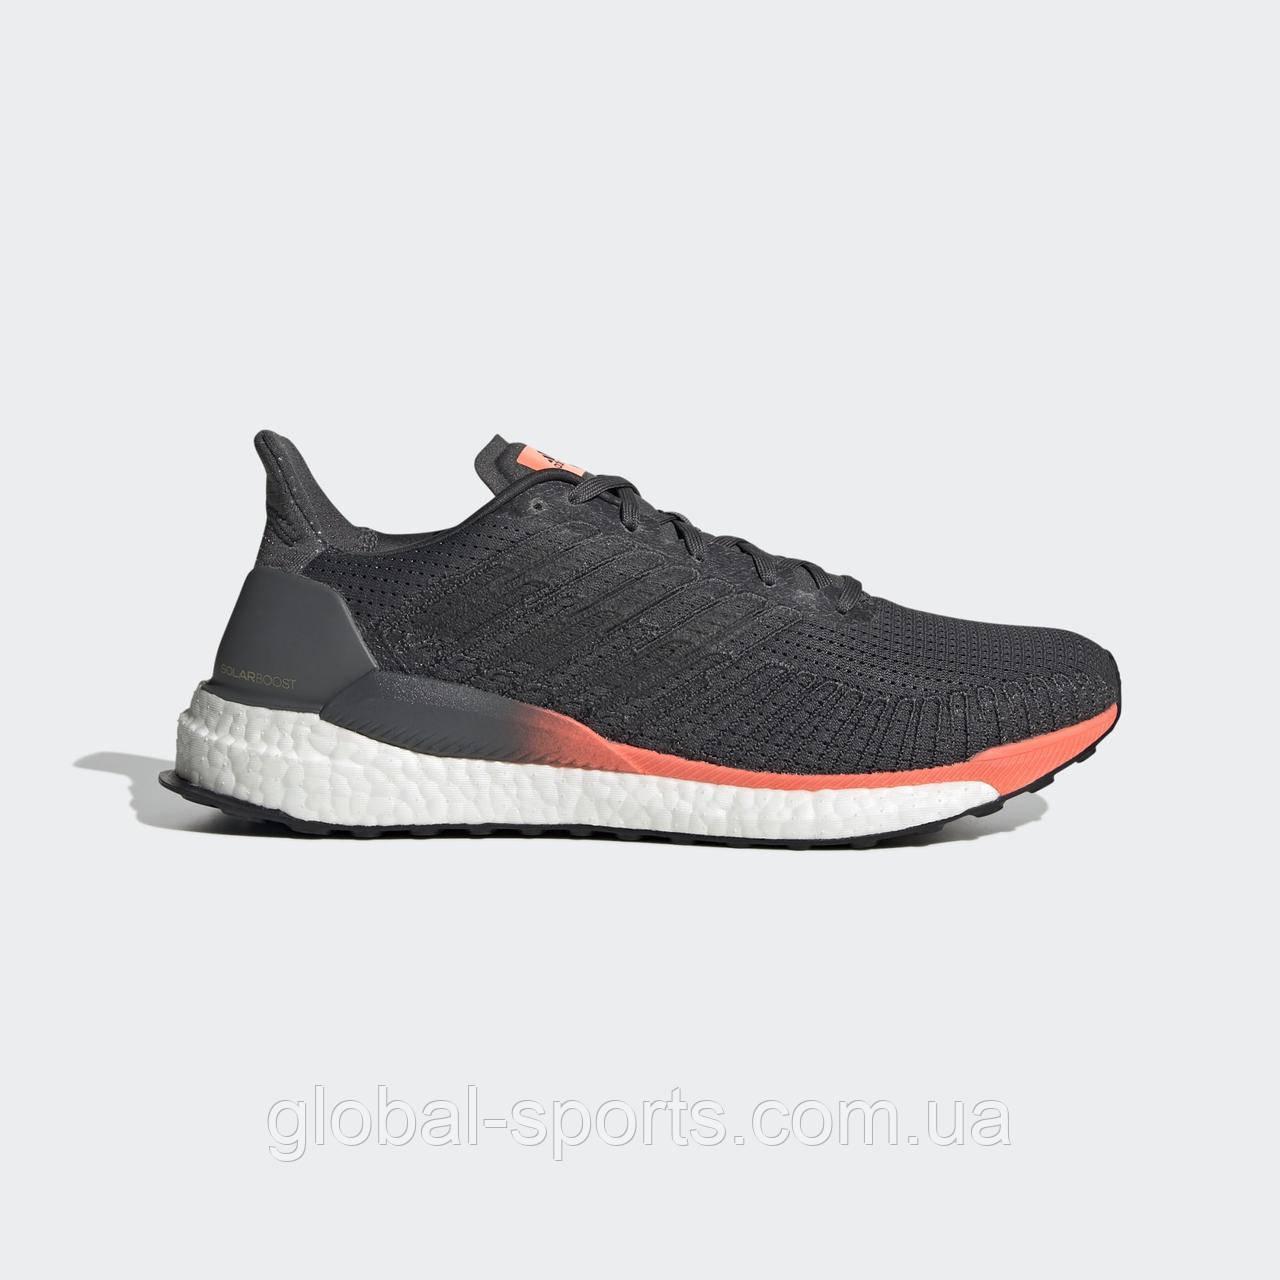 Чоловічі кросівки Adidas SolarBoost 19 (Артикул:EH3503)